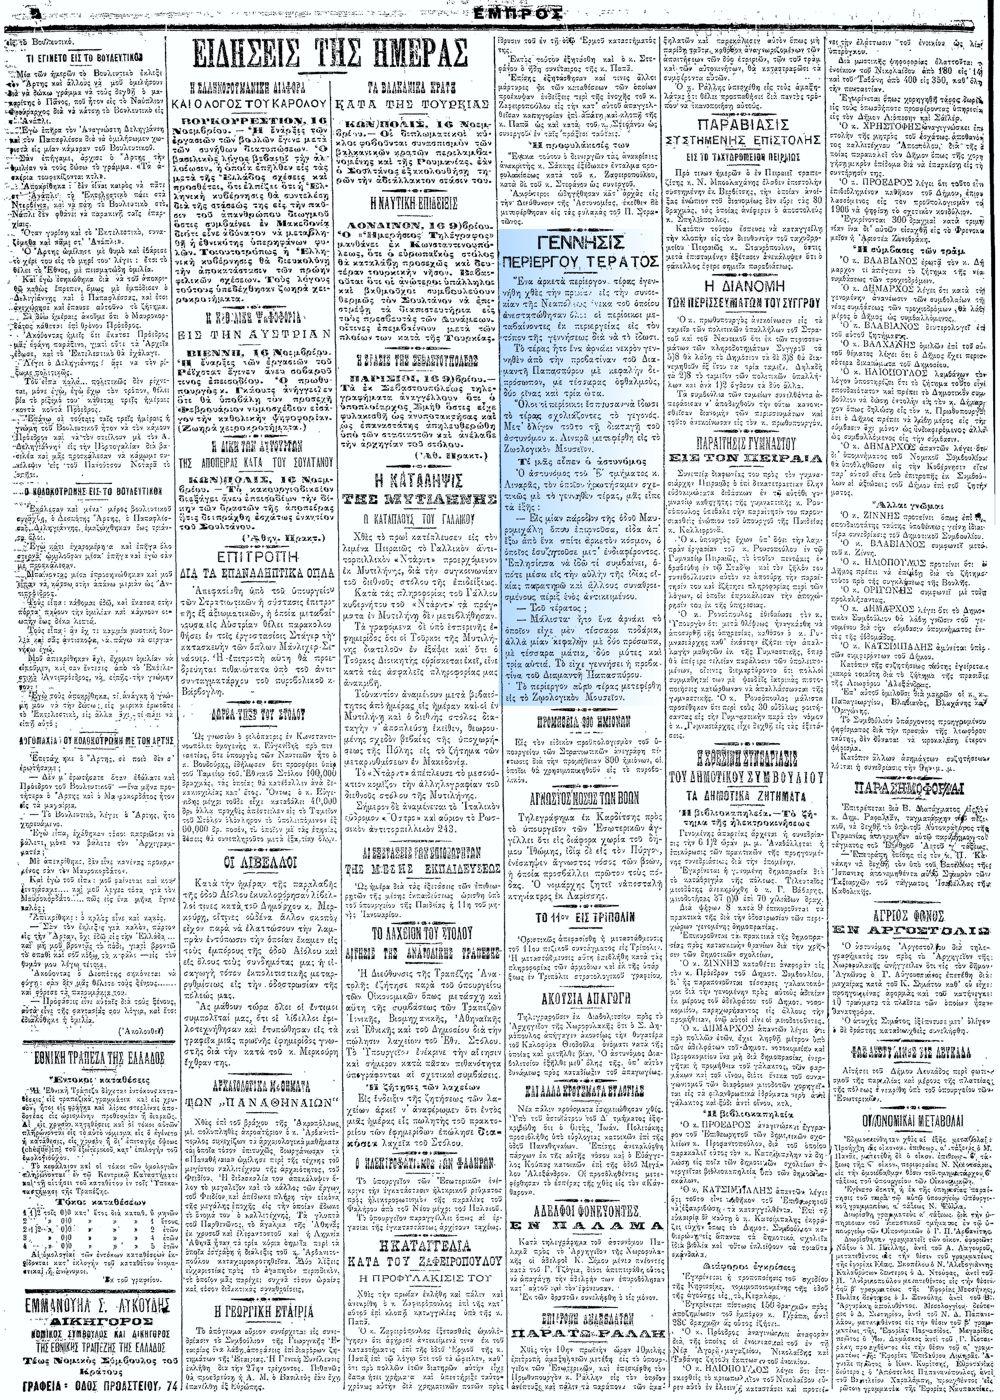 """Το άρθρο, όπως δημοσιεύθηκε στην εφημερίδα """"ΕΜΠΡΟΣ"""", στις 17/11/1905"""